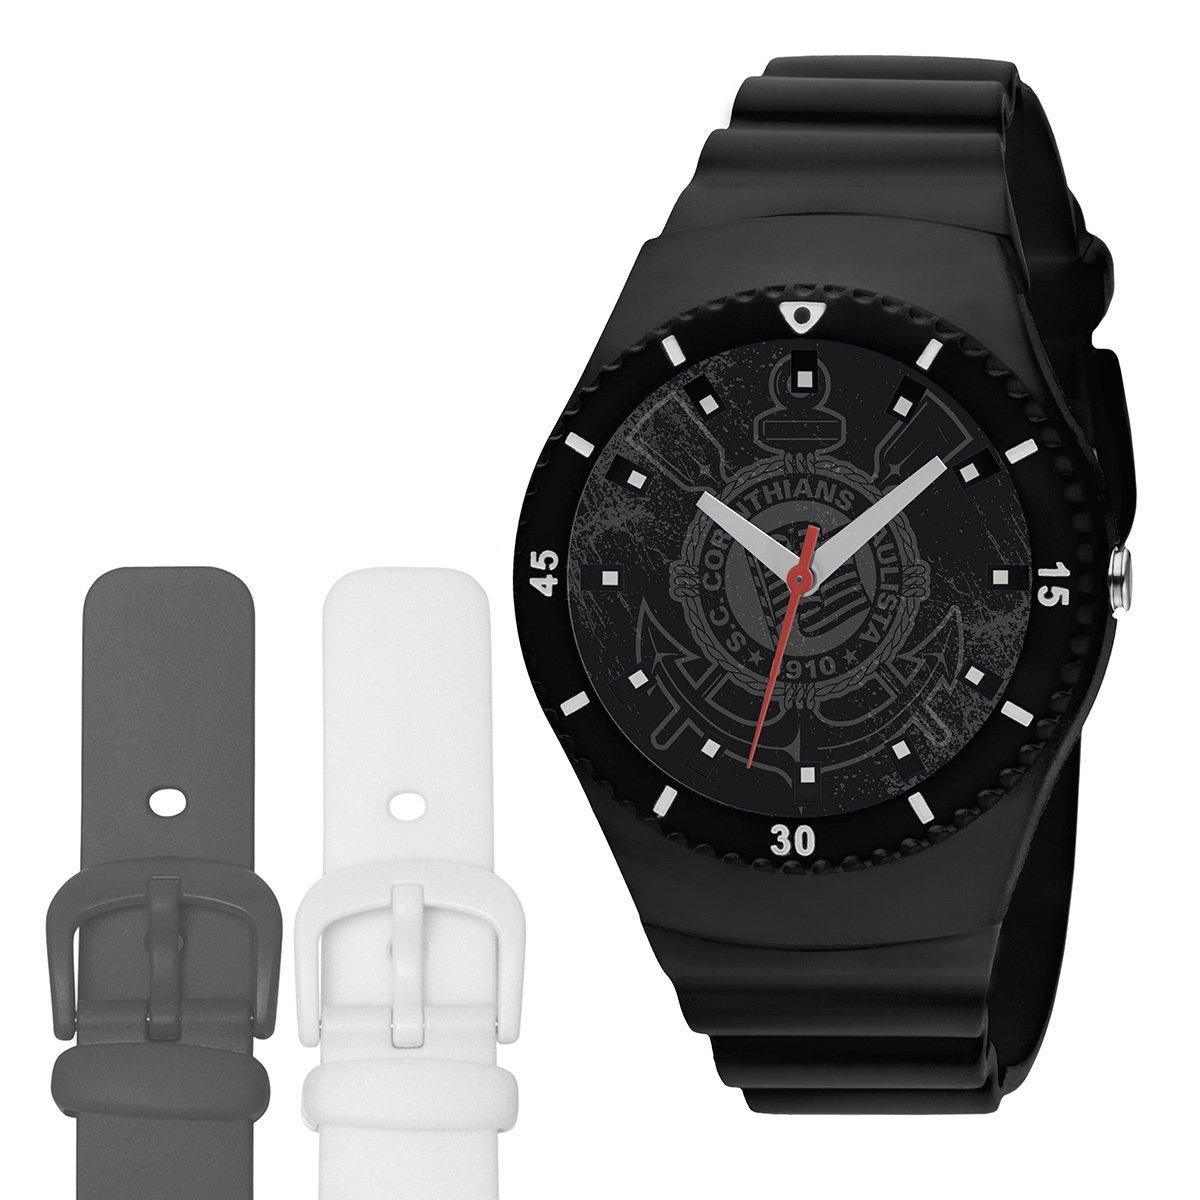 20f606d0aee Relógio Corinthians Technos Analógico com Pulseira para Troca - Compre  Agora